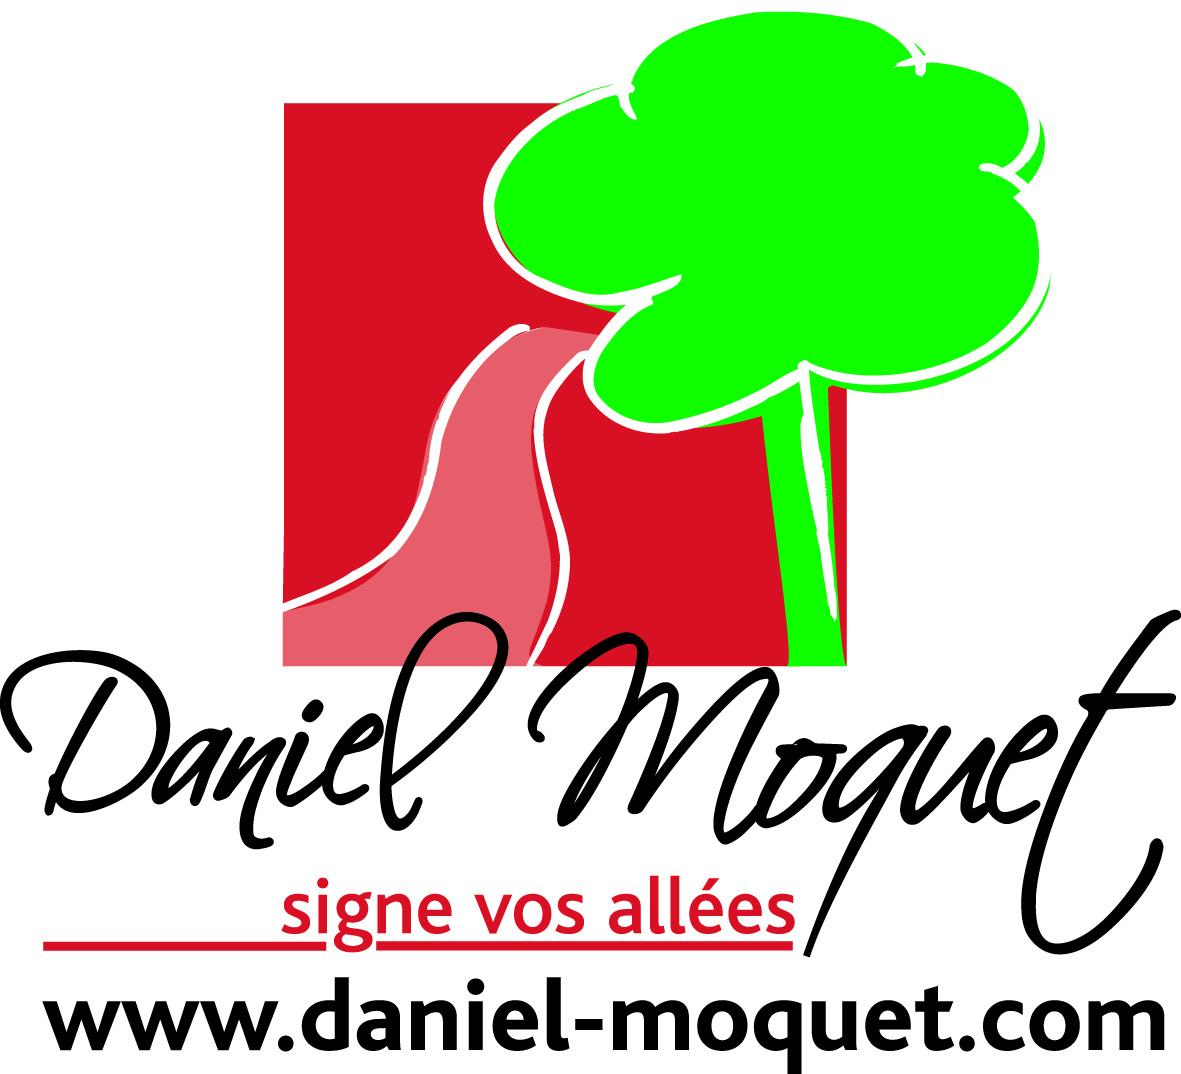 Daniel Moquet signe vos allées - Ent. Jourdan